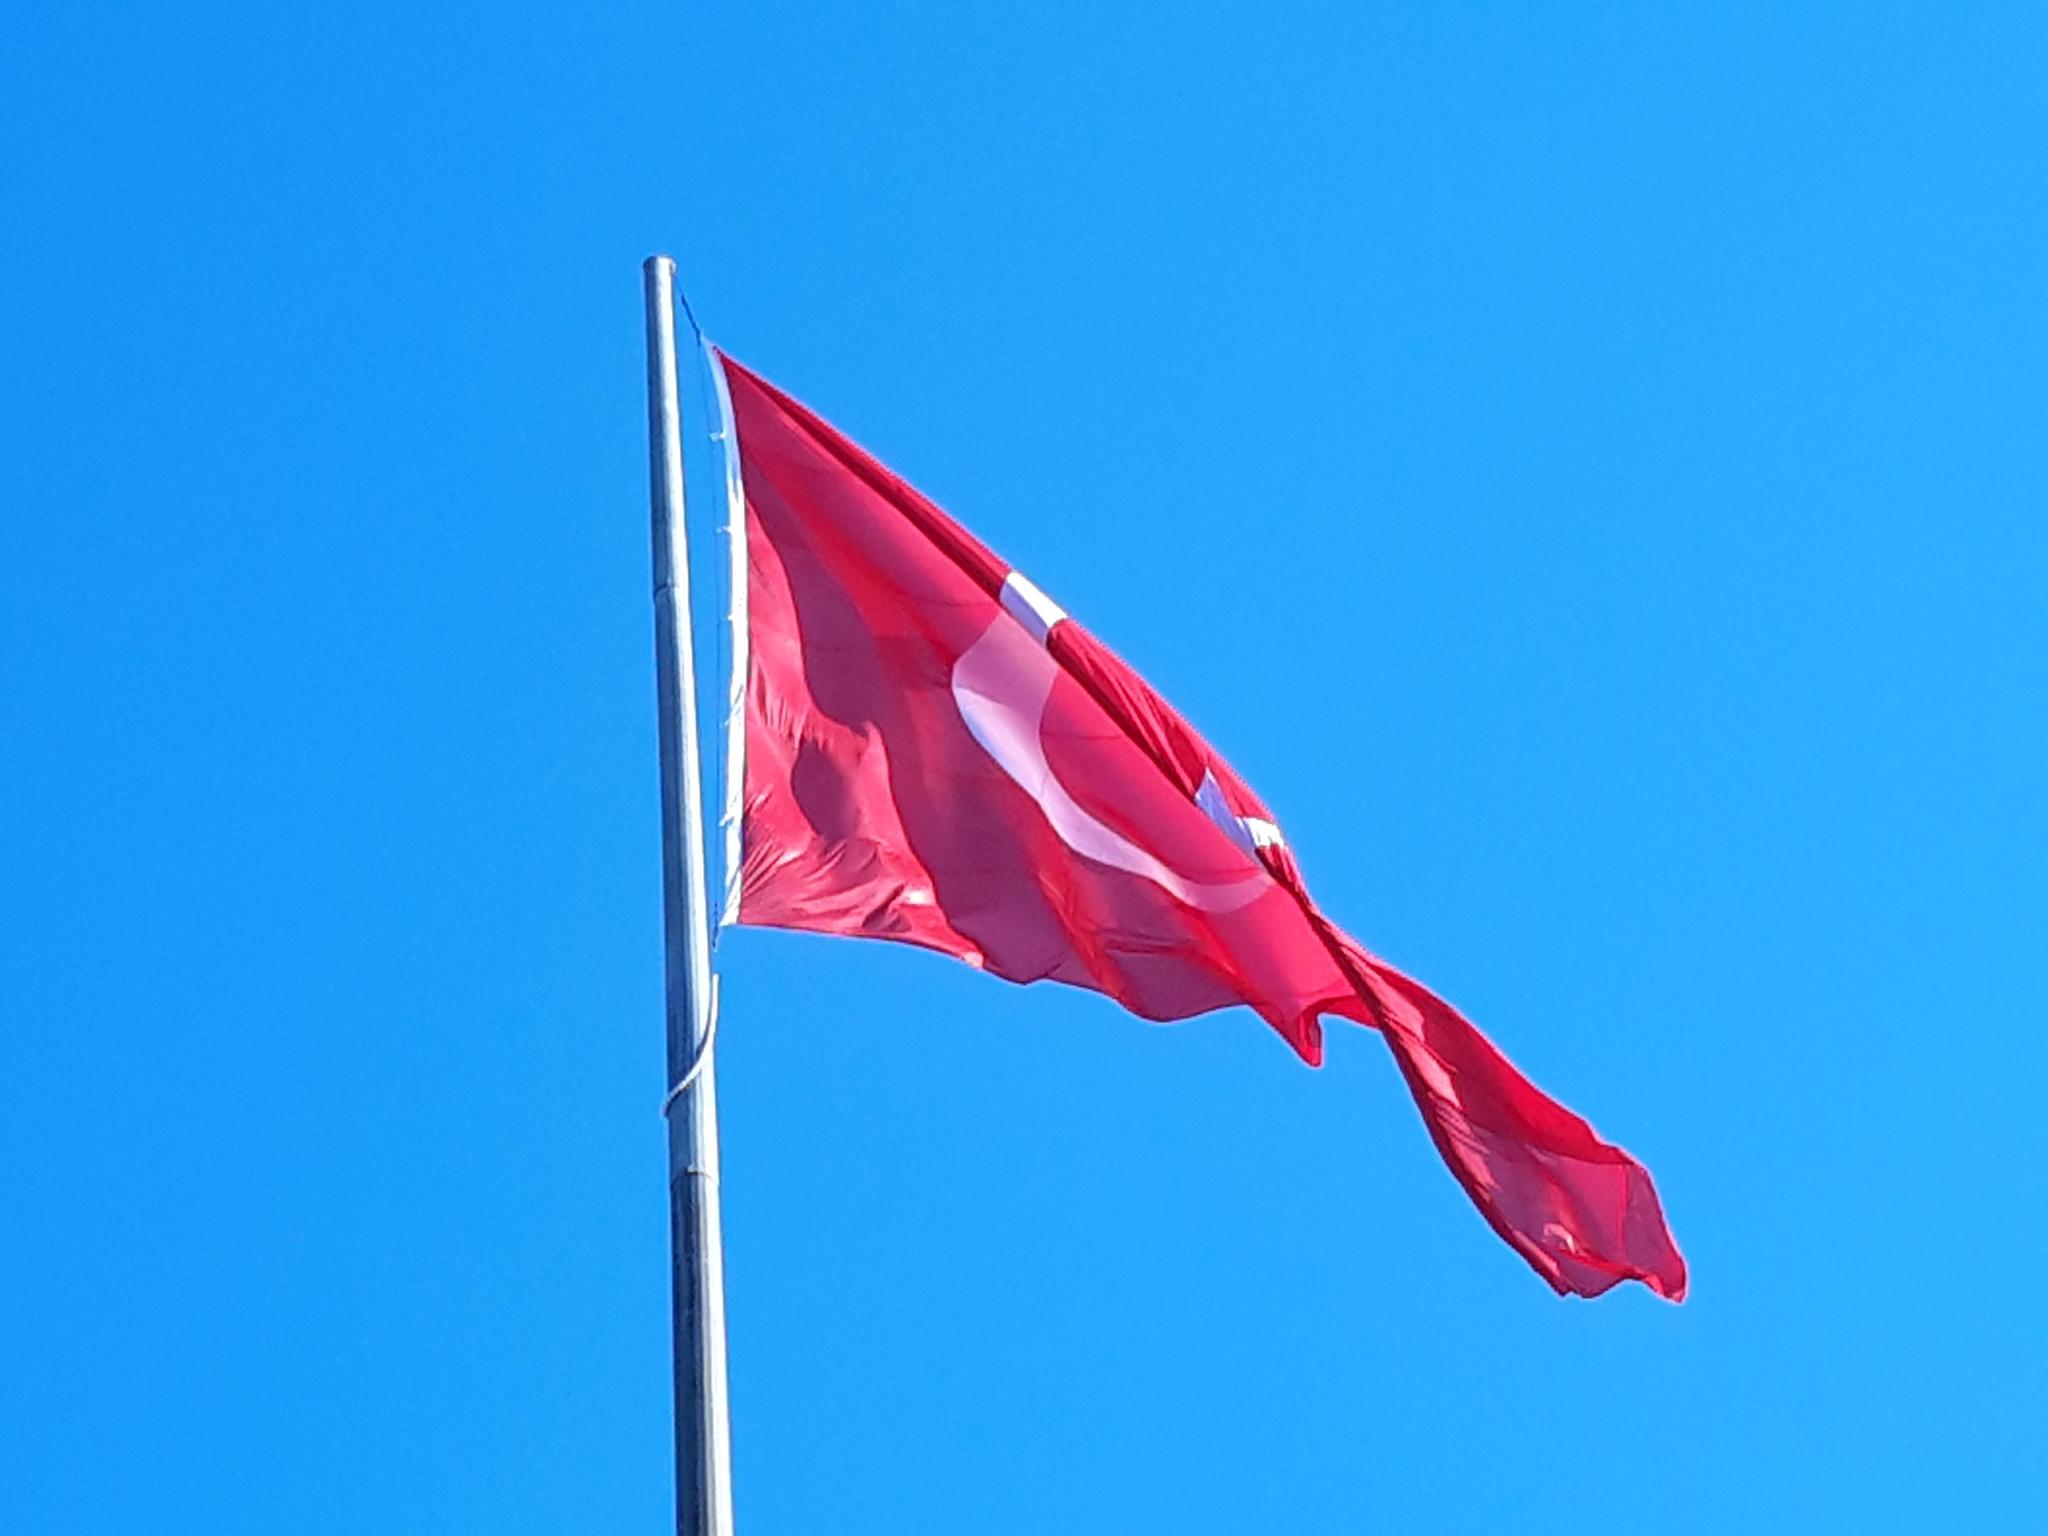 Turquia: Referendo amplia poderes de Erdogan e diminui valores democráticos